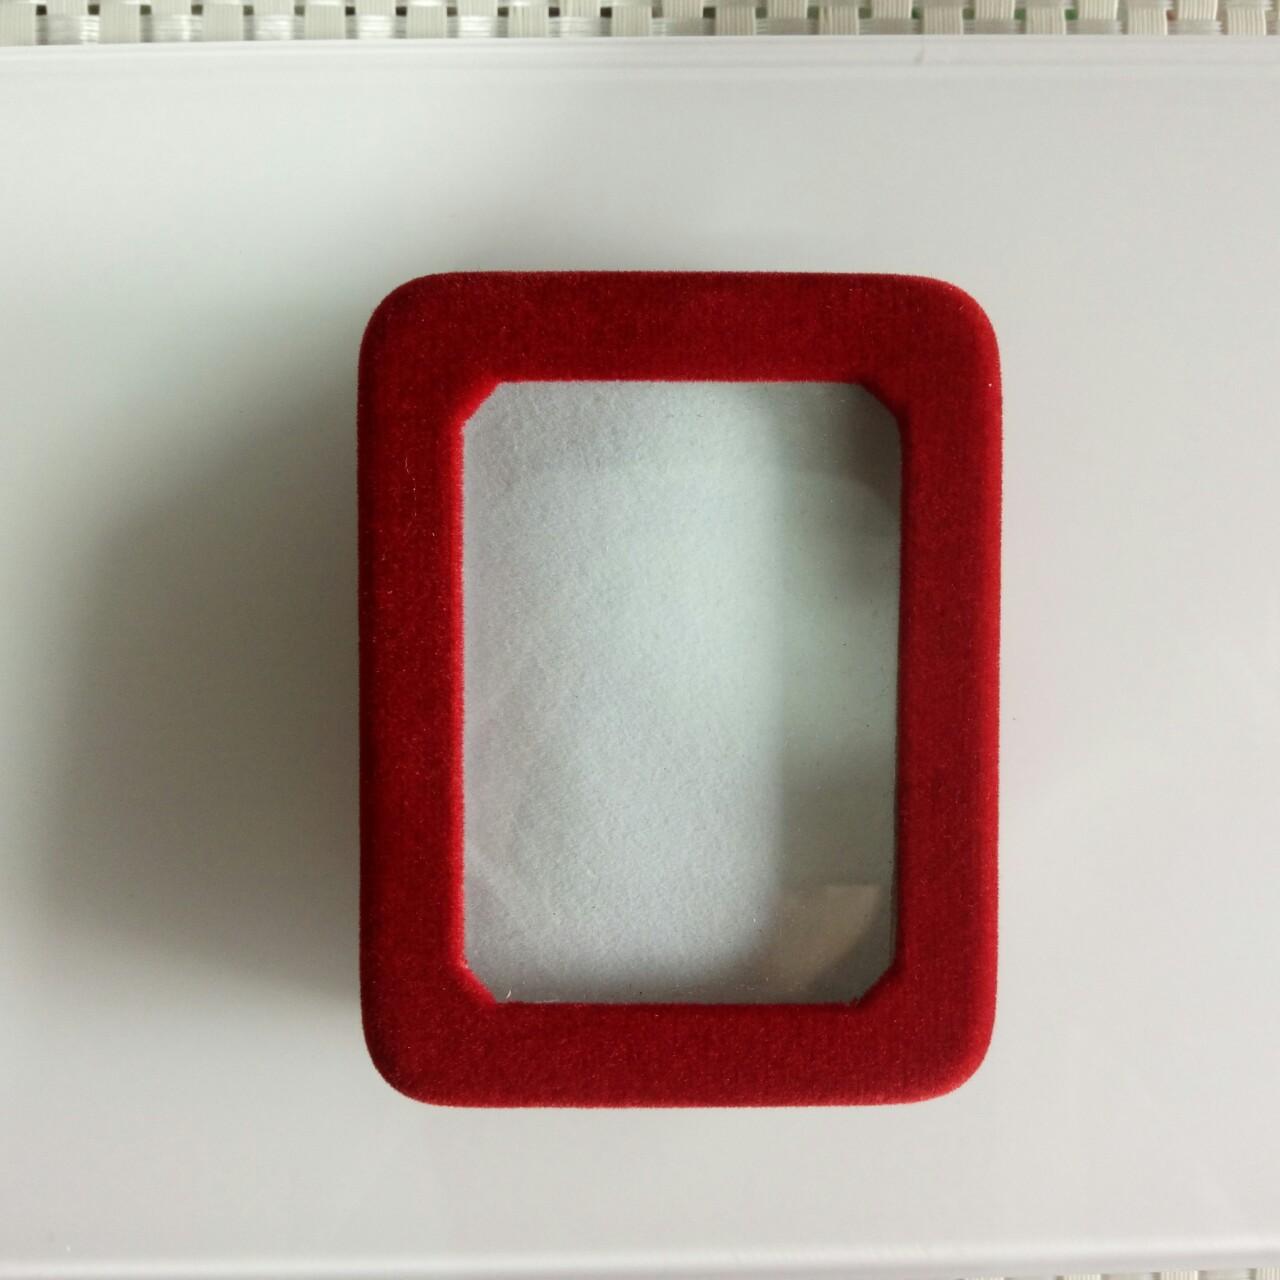 供应绒布镜面挂件玉器礼品包装首饰盒厂家直销